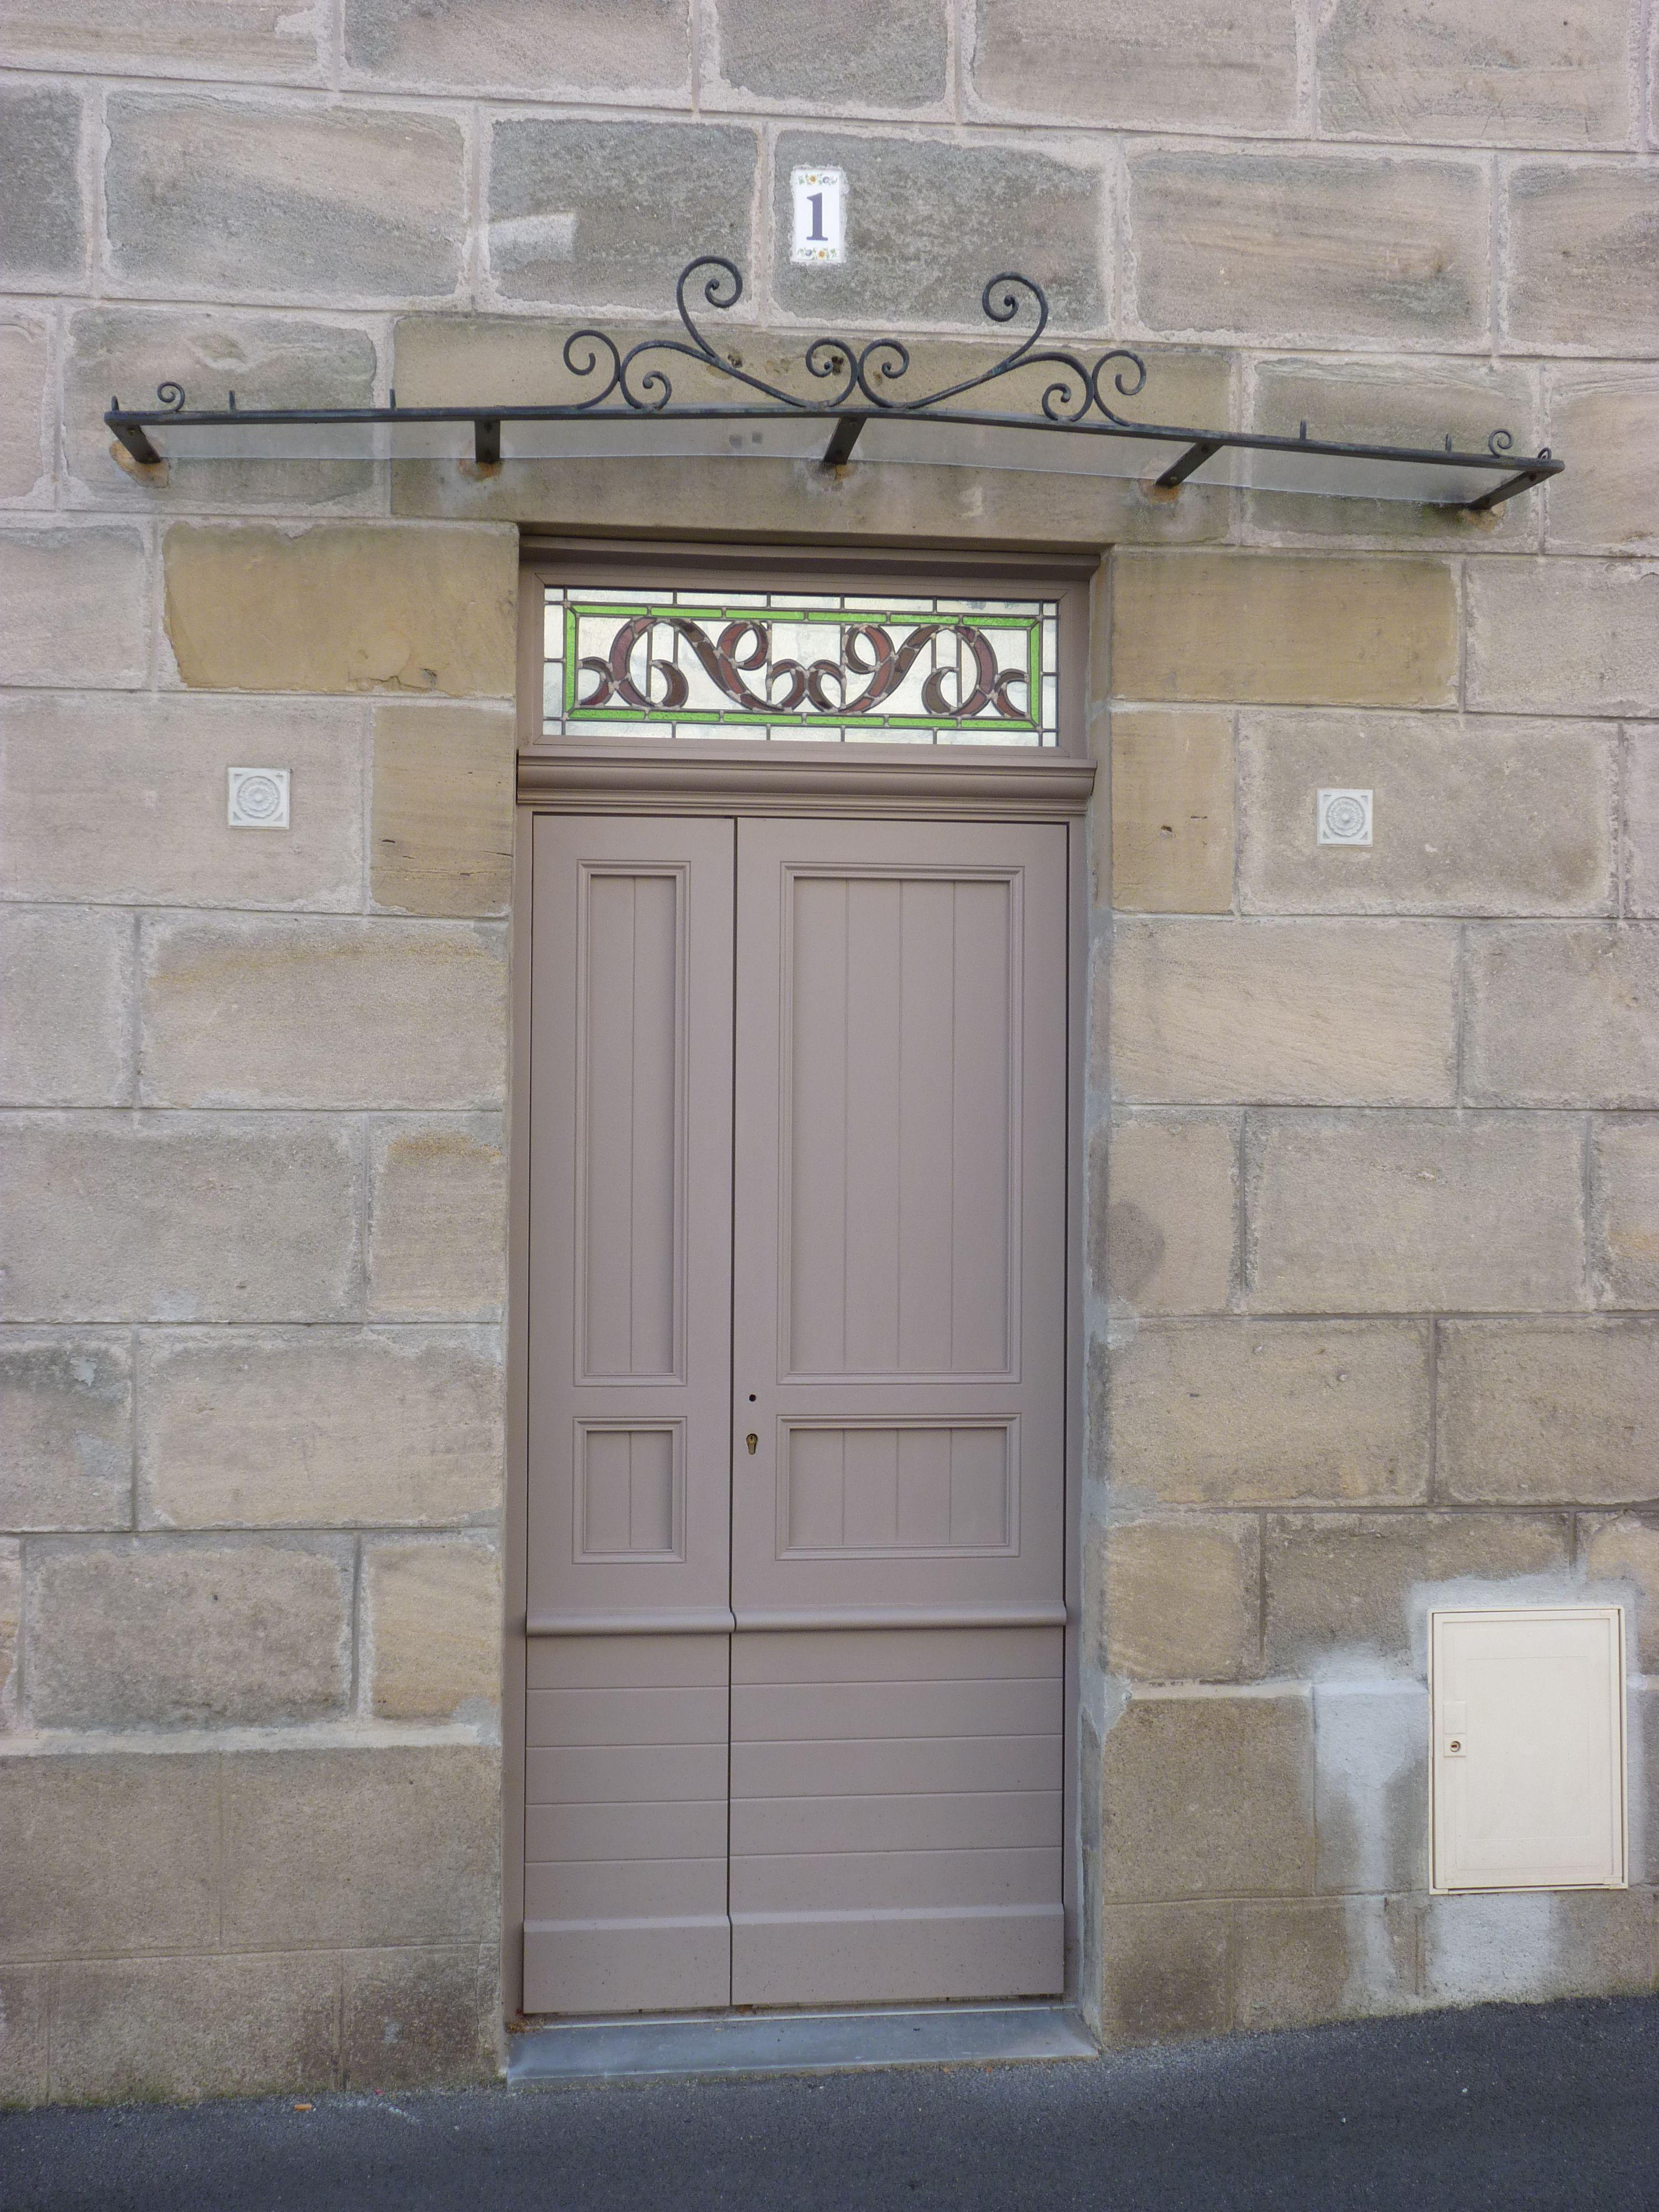 Porte d 39 entr e tierc e avec lames horizontales r guli res lames verticales r guli res et - Imposte pour porte d entree ...